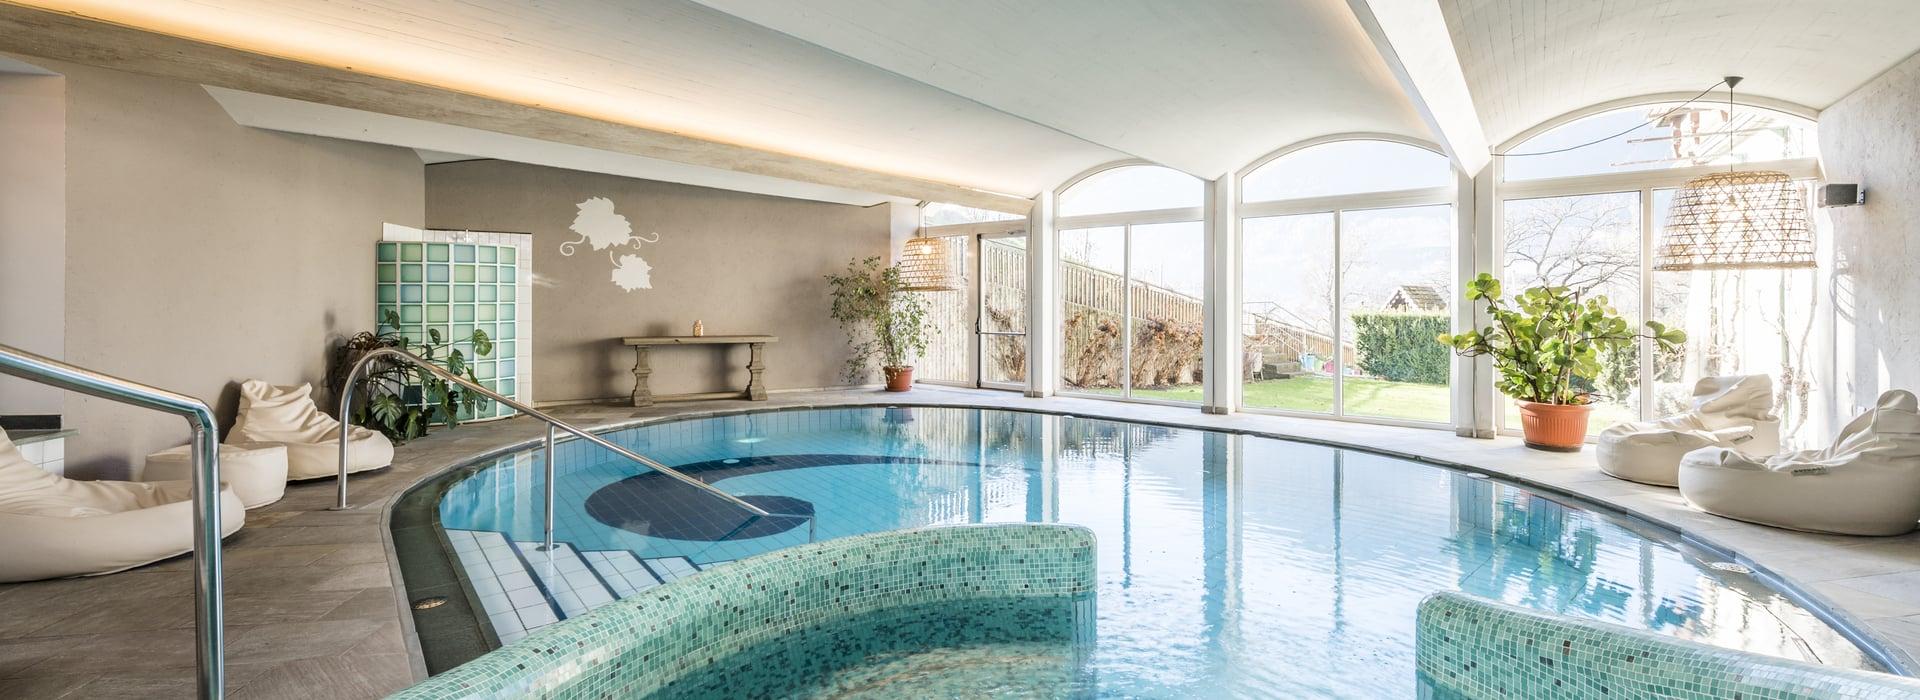 Sauna e piscina pacher hotel a bressanone con piscina - Piscine con scivoli bressanone ...